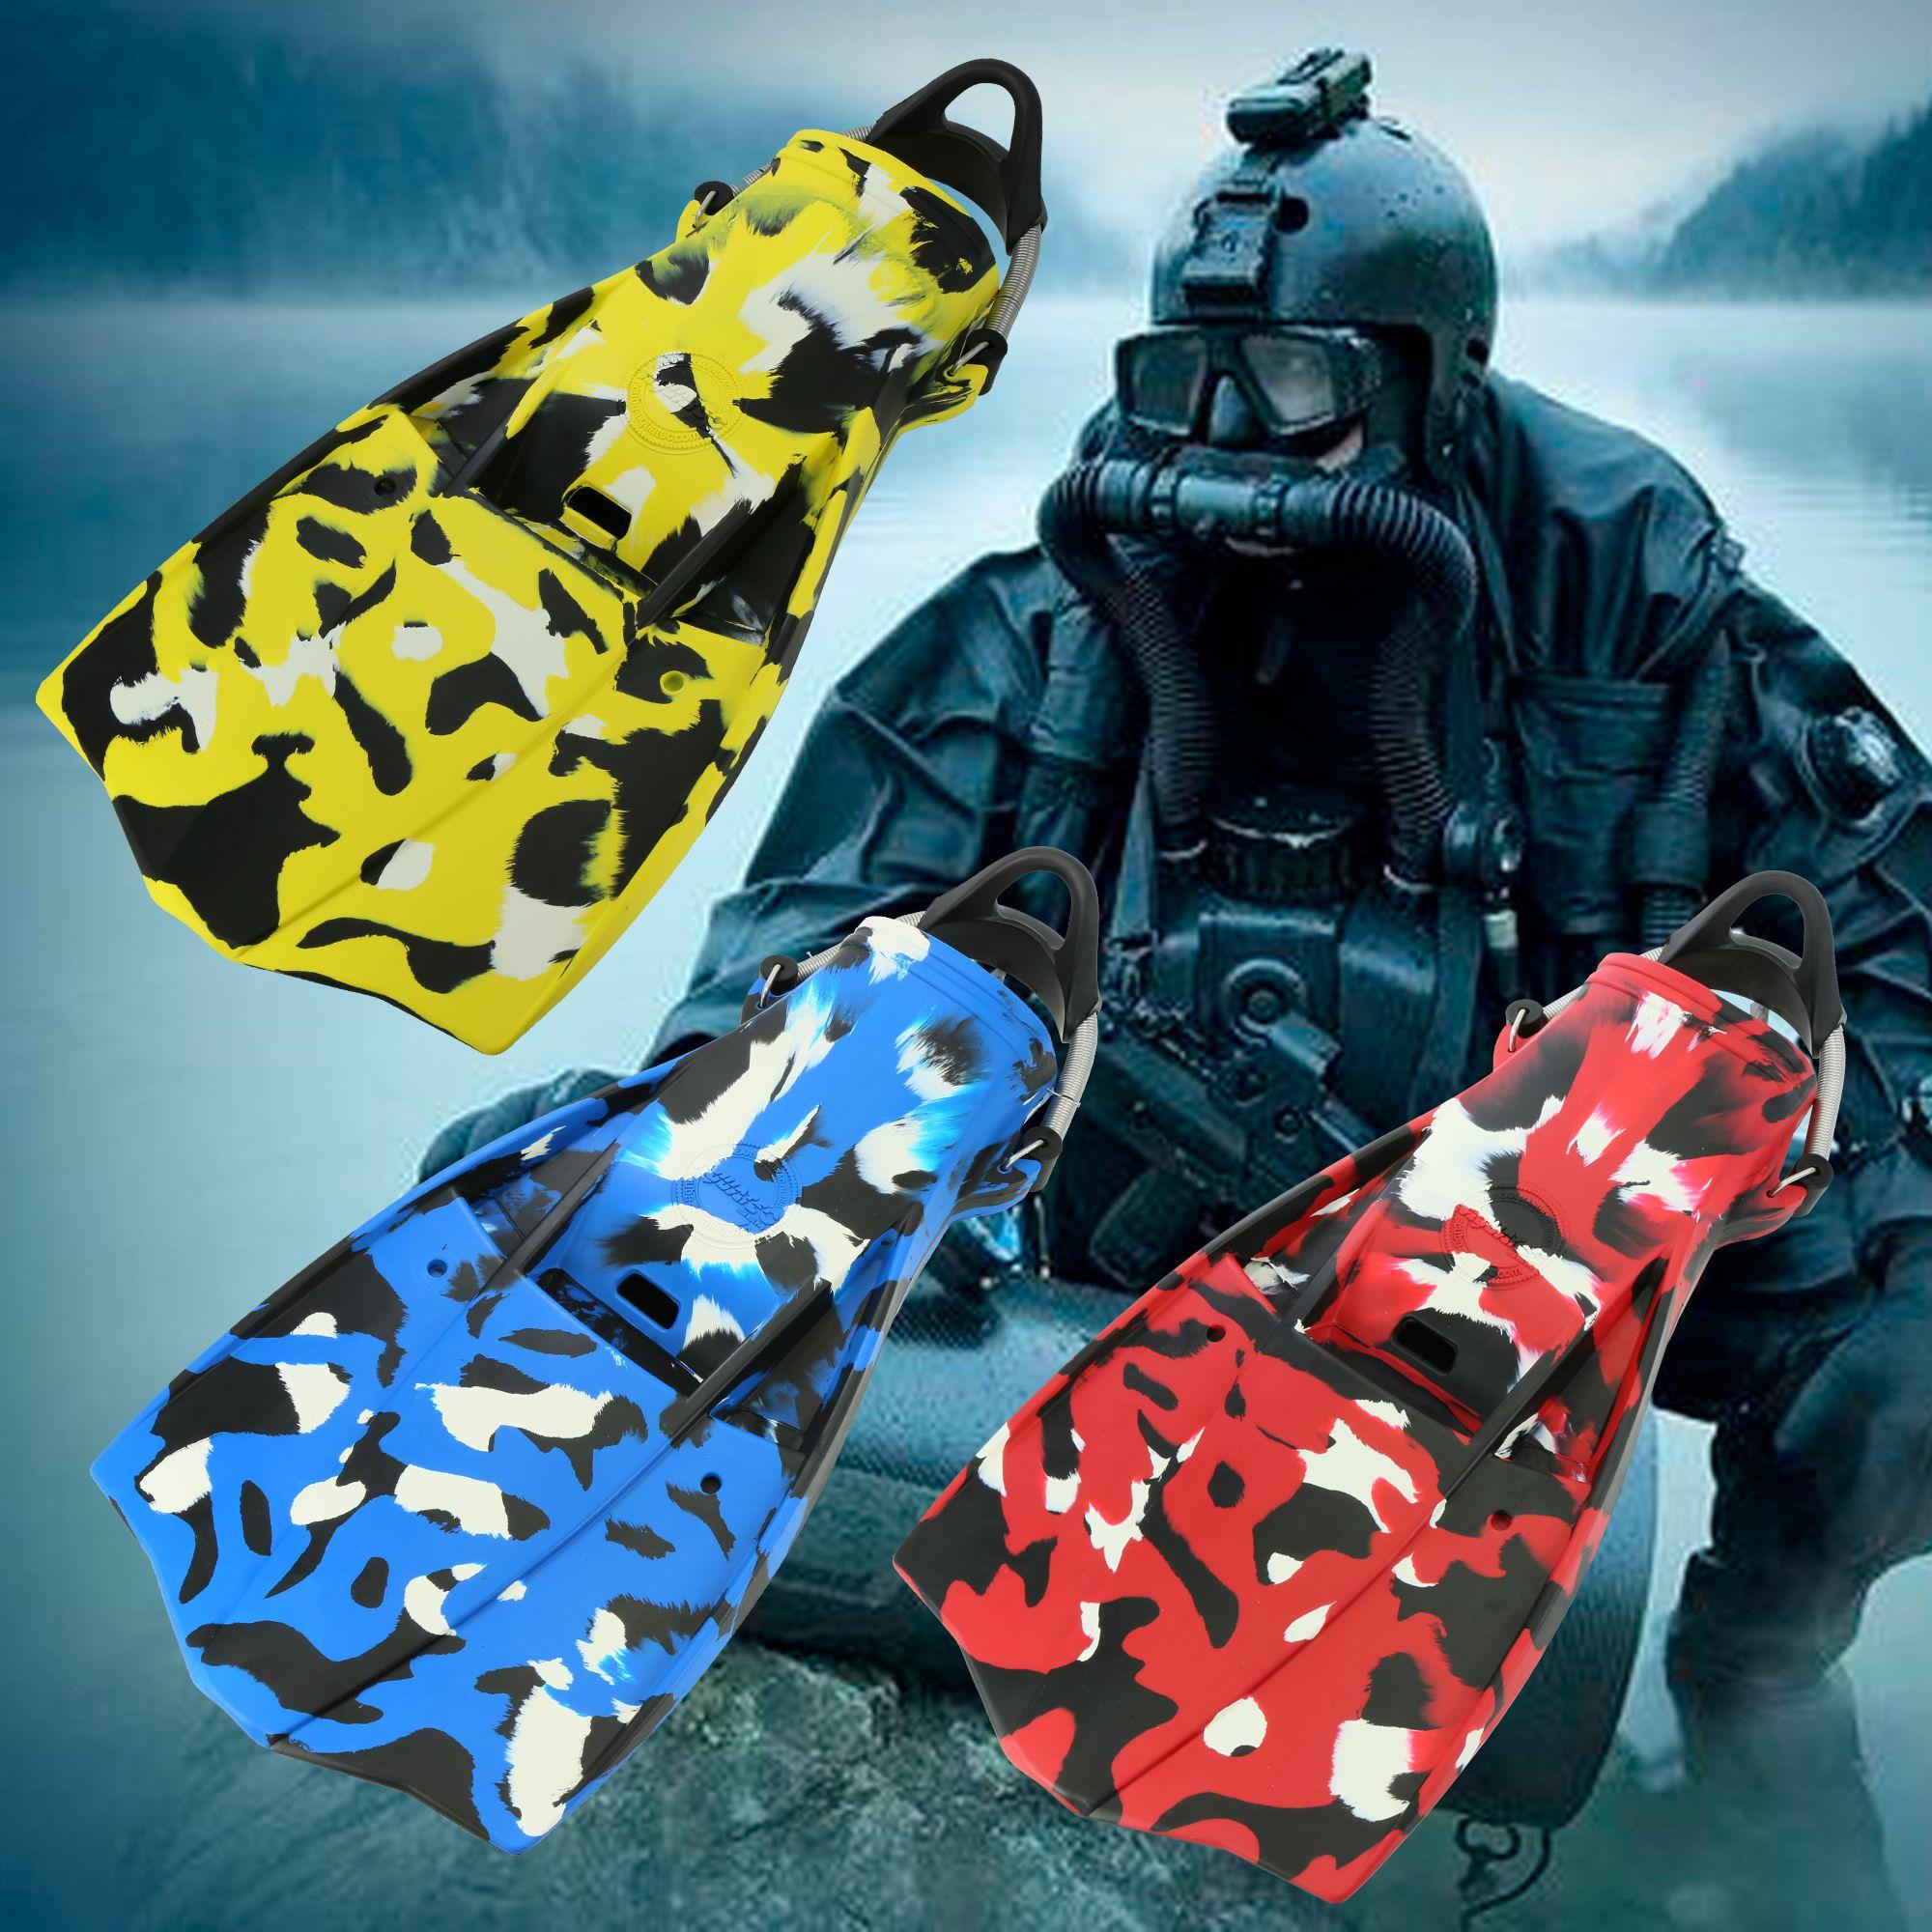 Scuba Military Jetfin Camouflage - Scuba Military Jetfin Camouflage